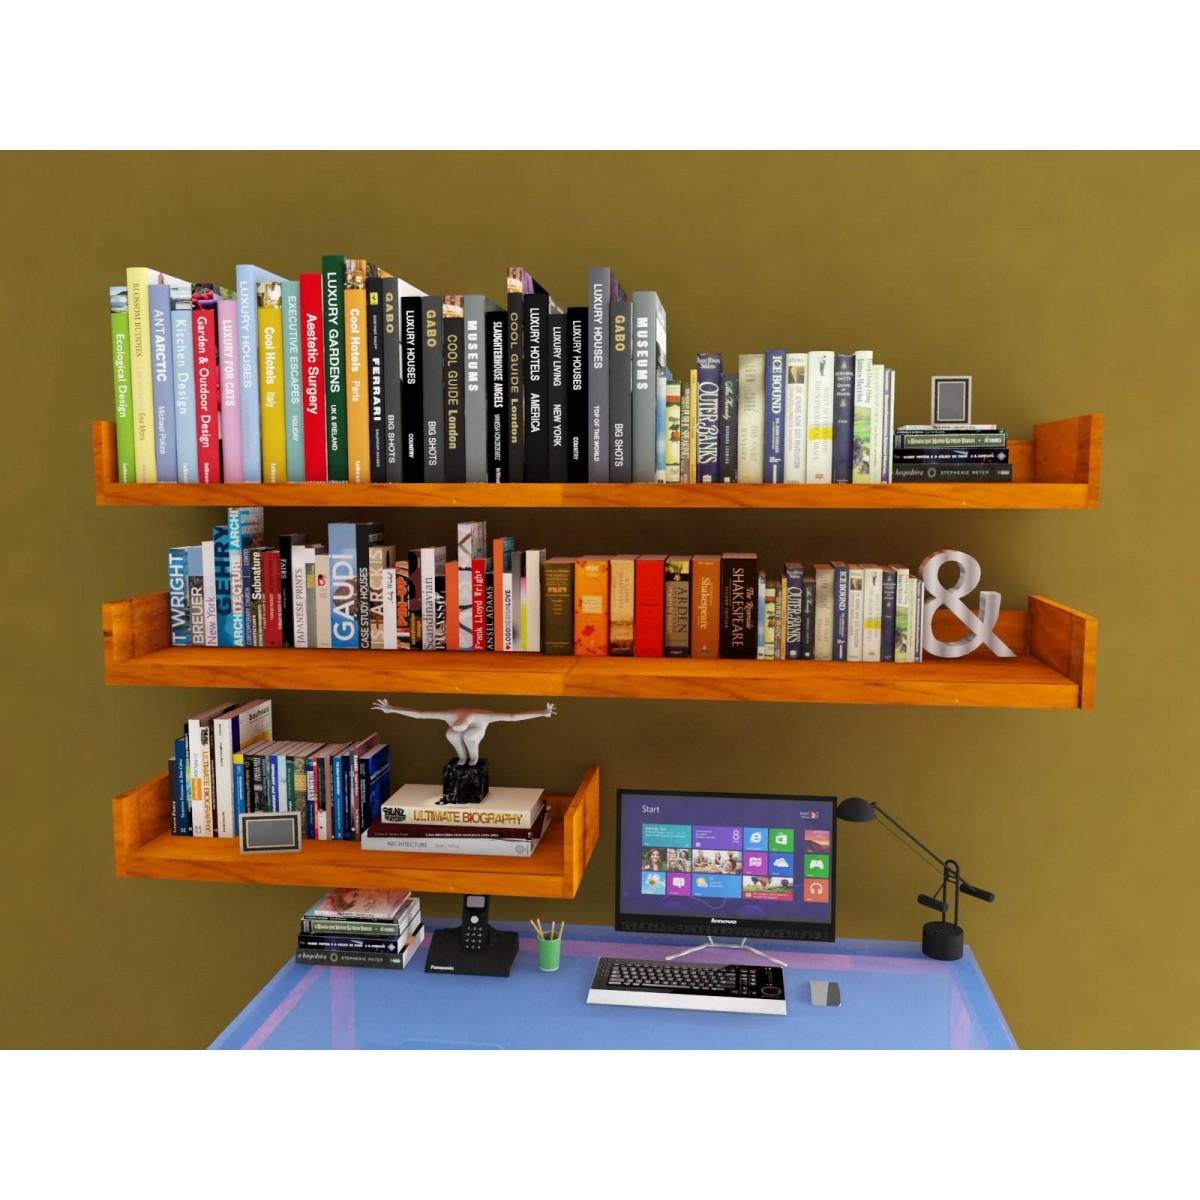 Prateleira L  120 x 15 x 5 em Madeira de Demolição para Livros decorações Fácil Instalação